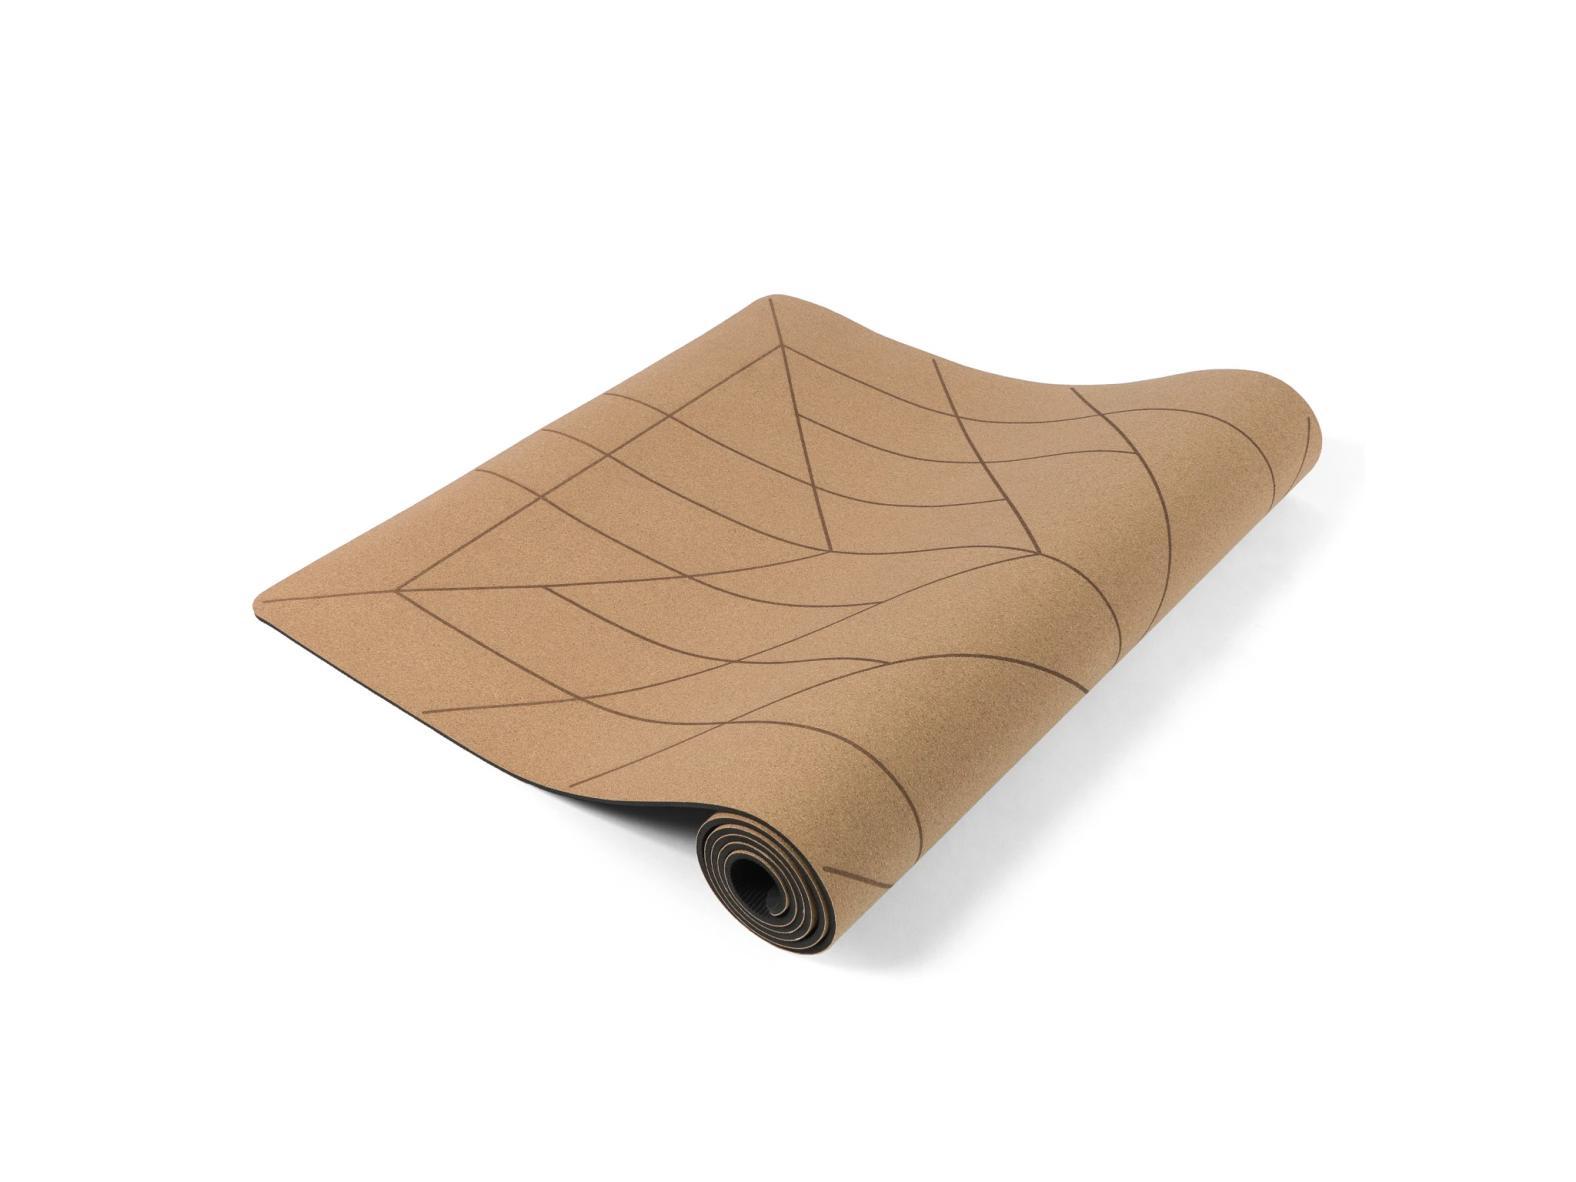 Yogamatte ALIGN aus Kork / CORK (183 x 66 cm) inkl. praktischem Tragegurt